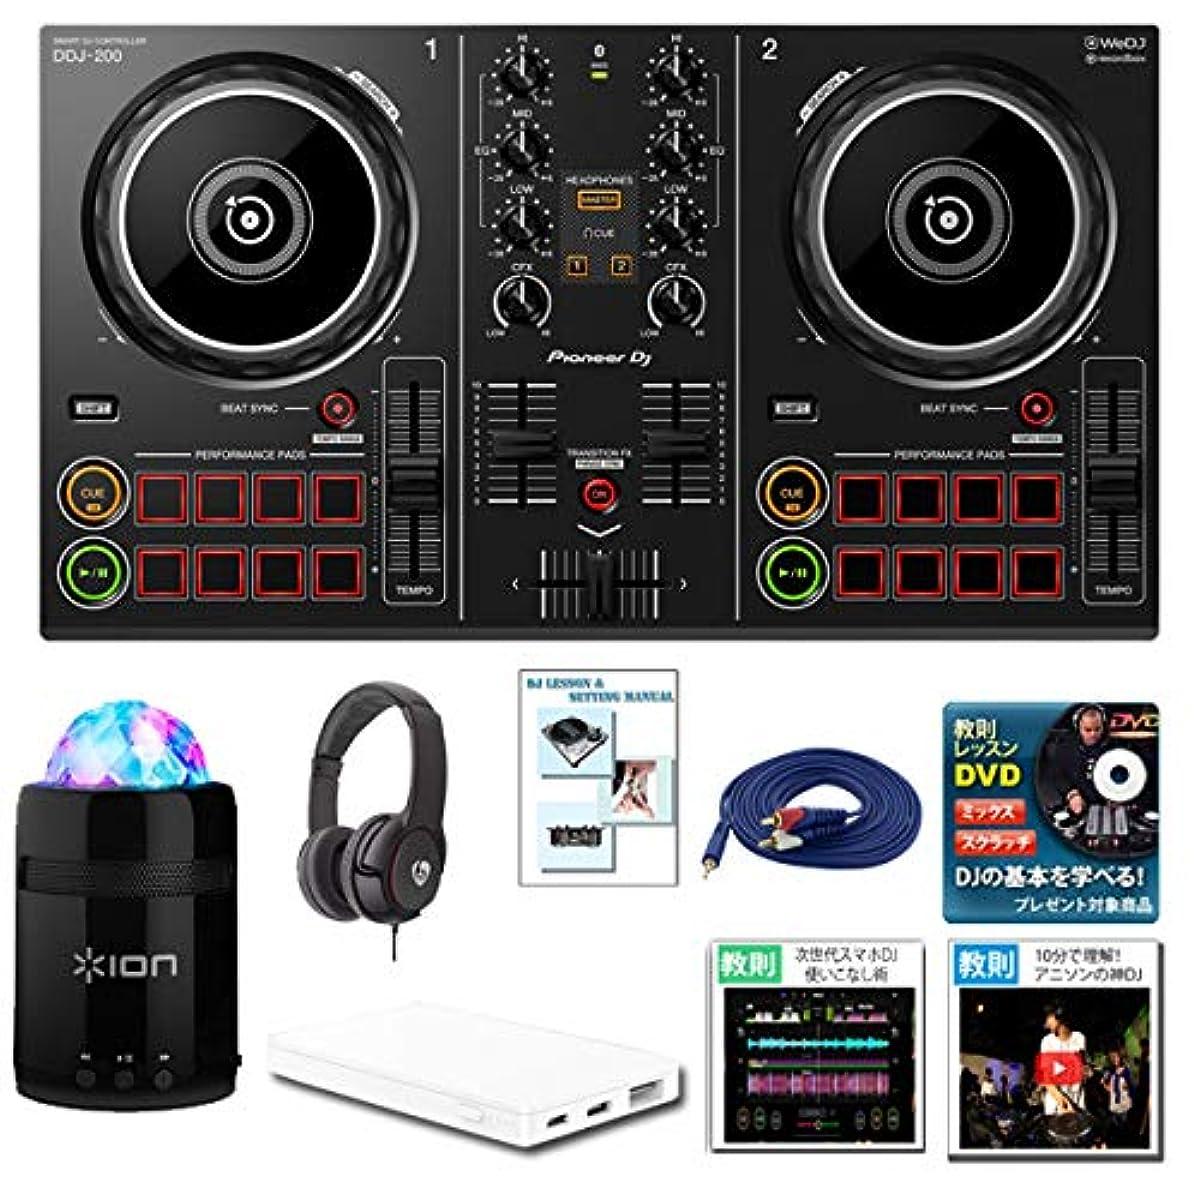 [해외] 【6 대특전】PIONEER DJ 파이오니아/DDJ-200 & PARTY STARTER 염가 초심자 세트